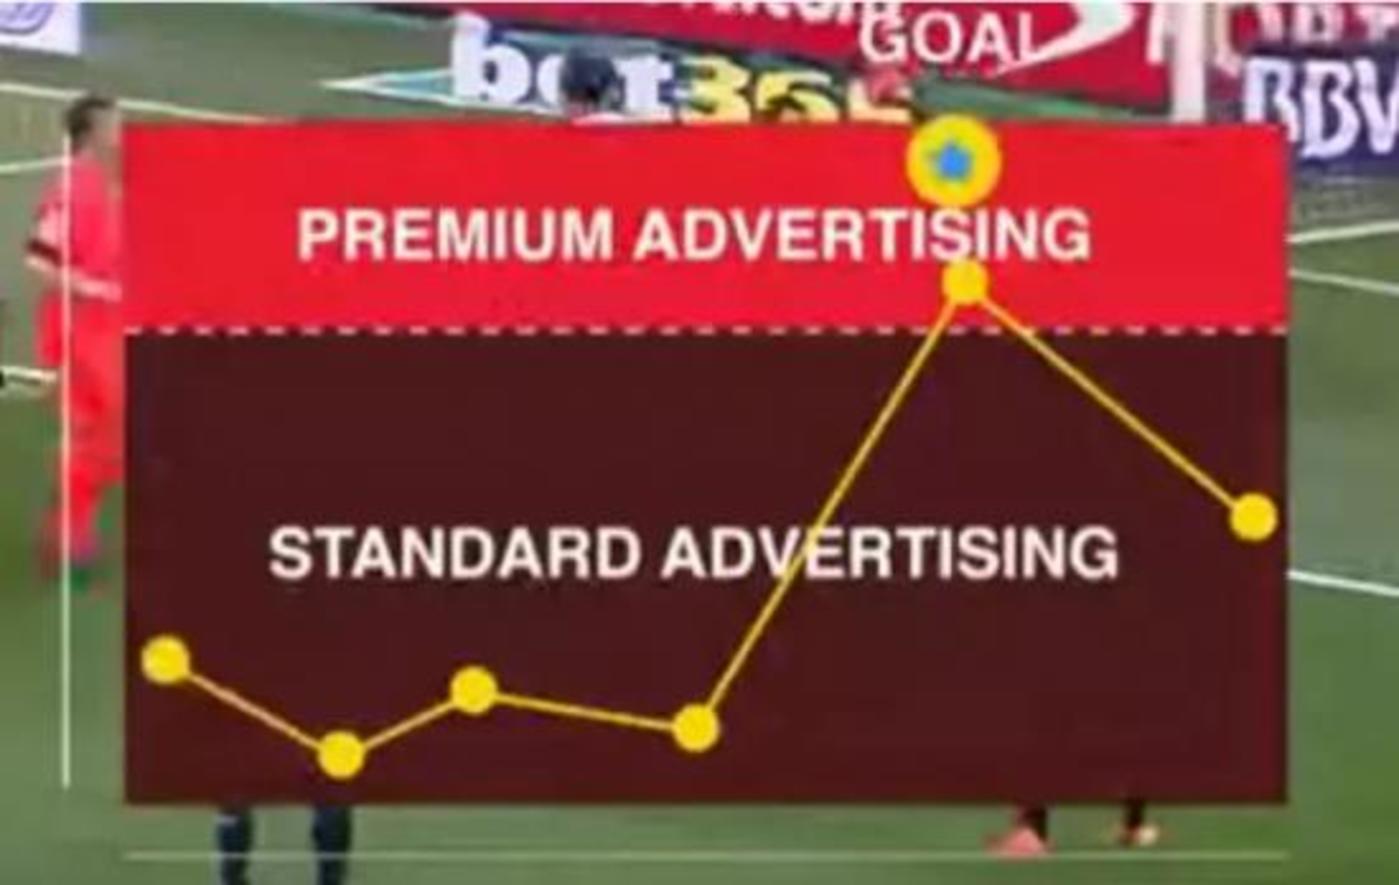 进球时段的广告效应达到峰值